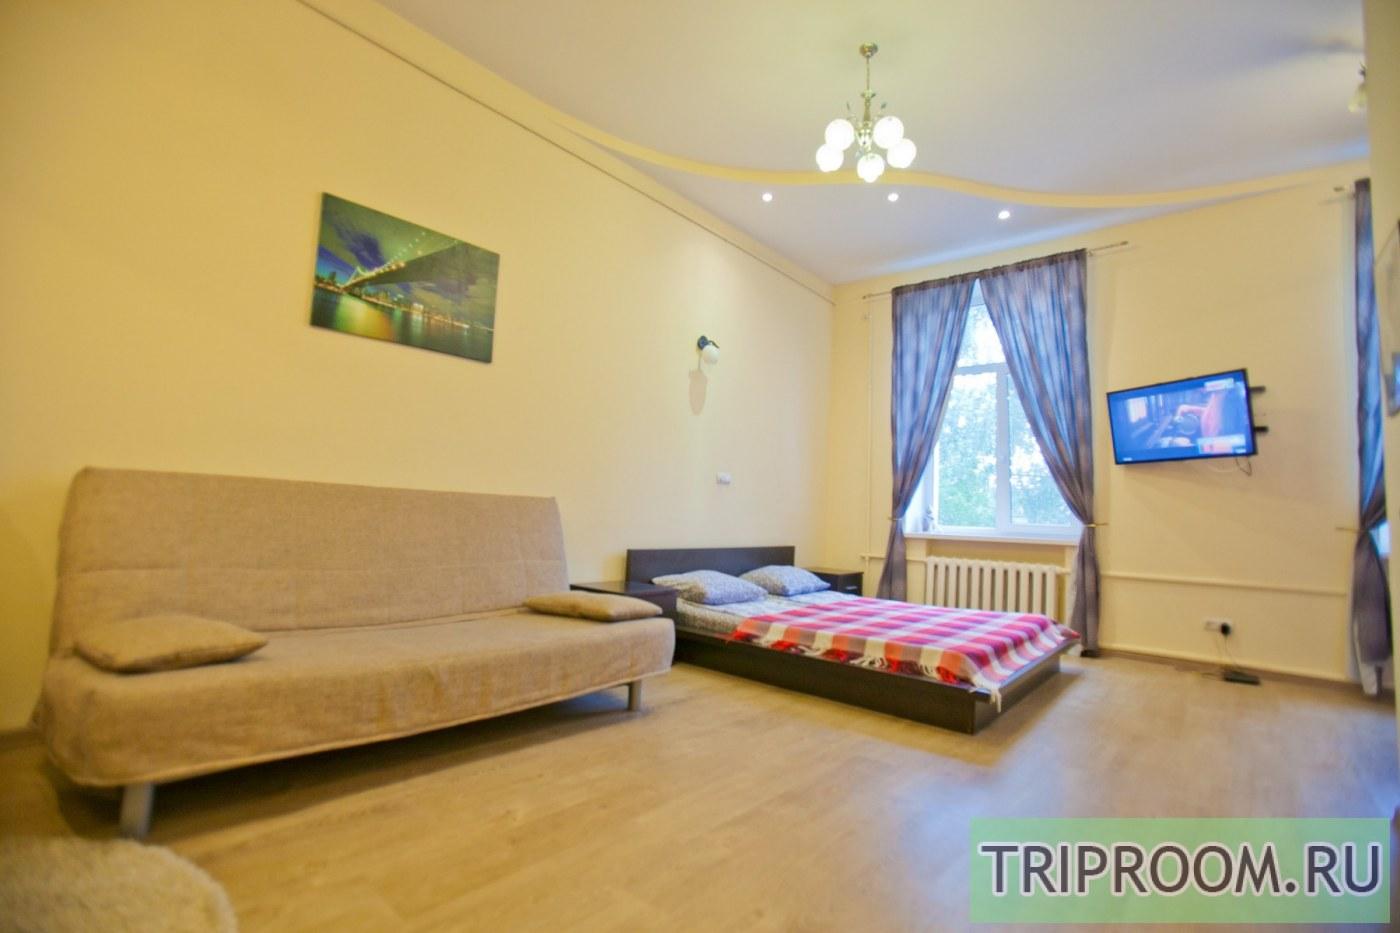 1-комнатная квартира посуточно (вариант № 8396), ул. Краснинская 2-я улица, фото № 10